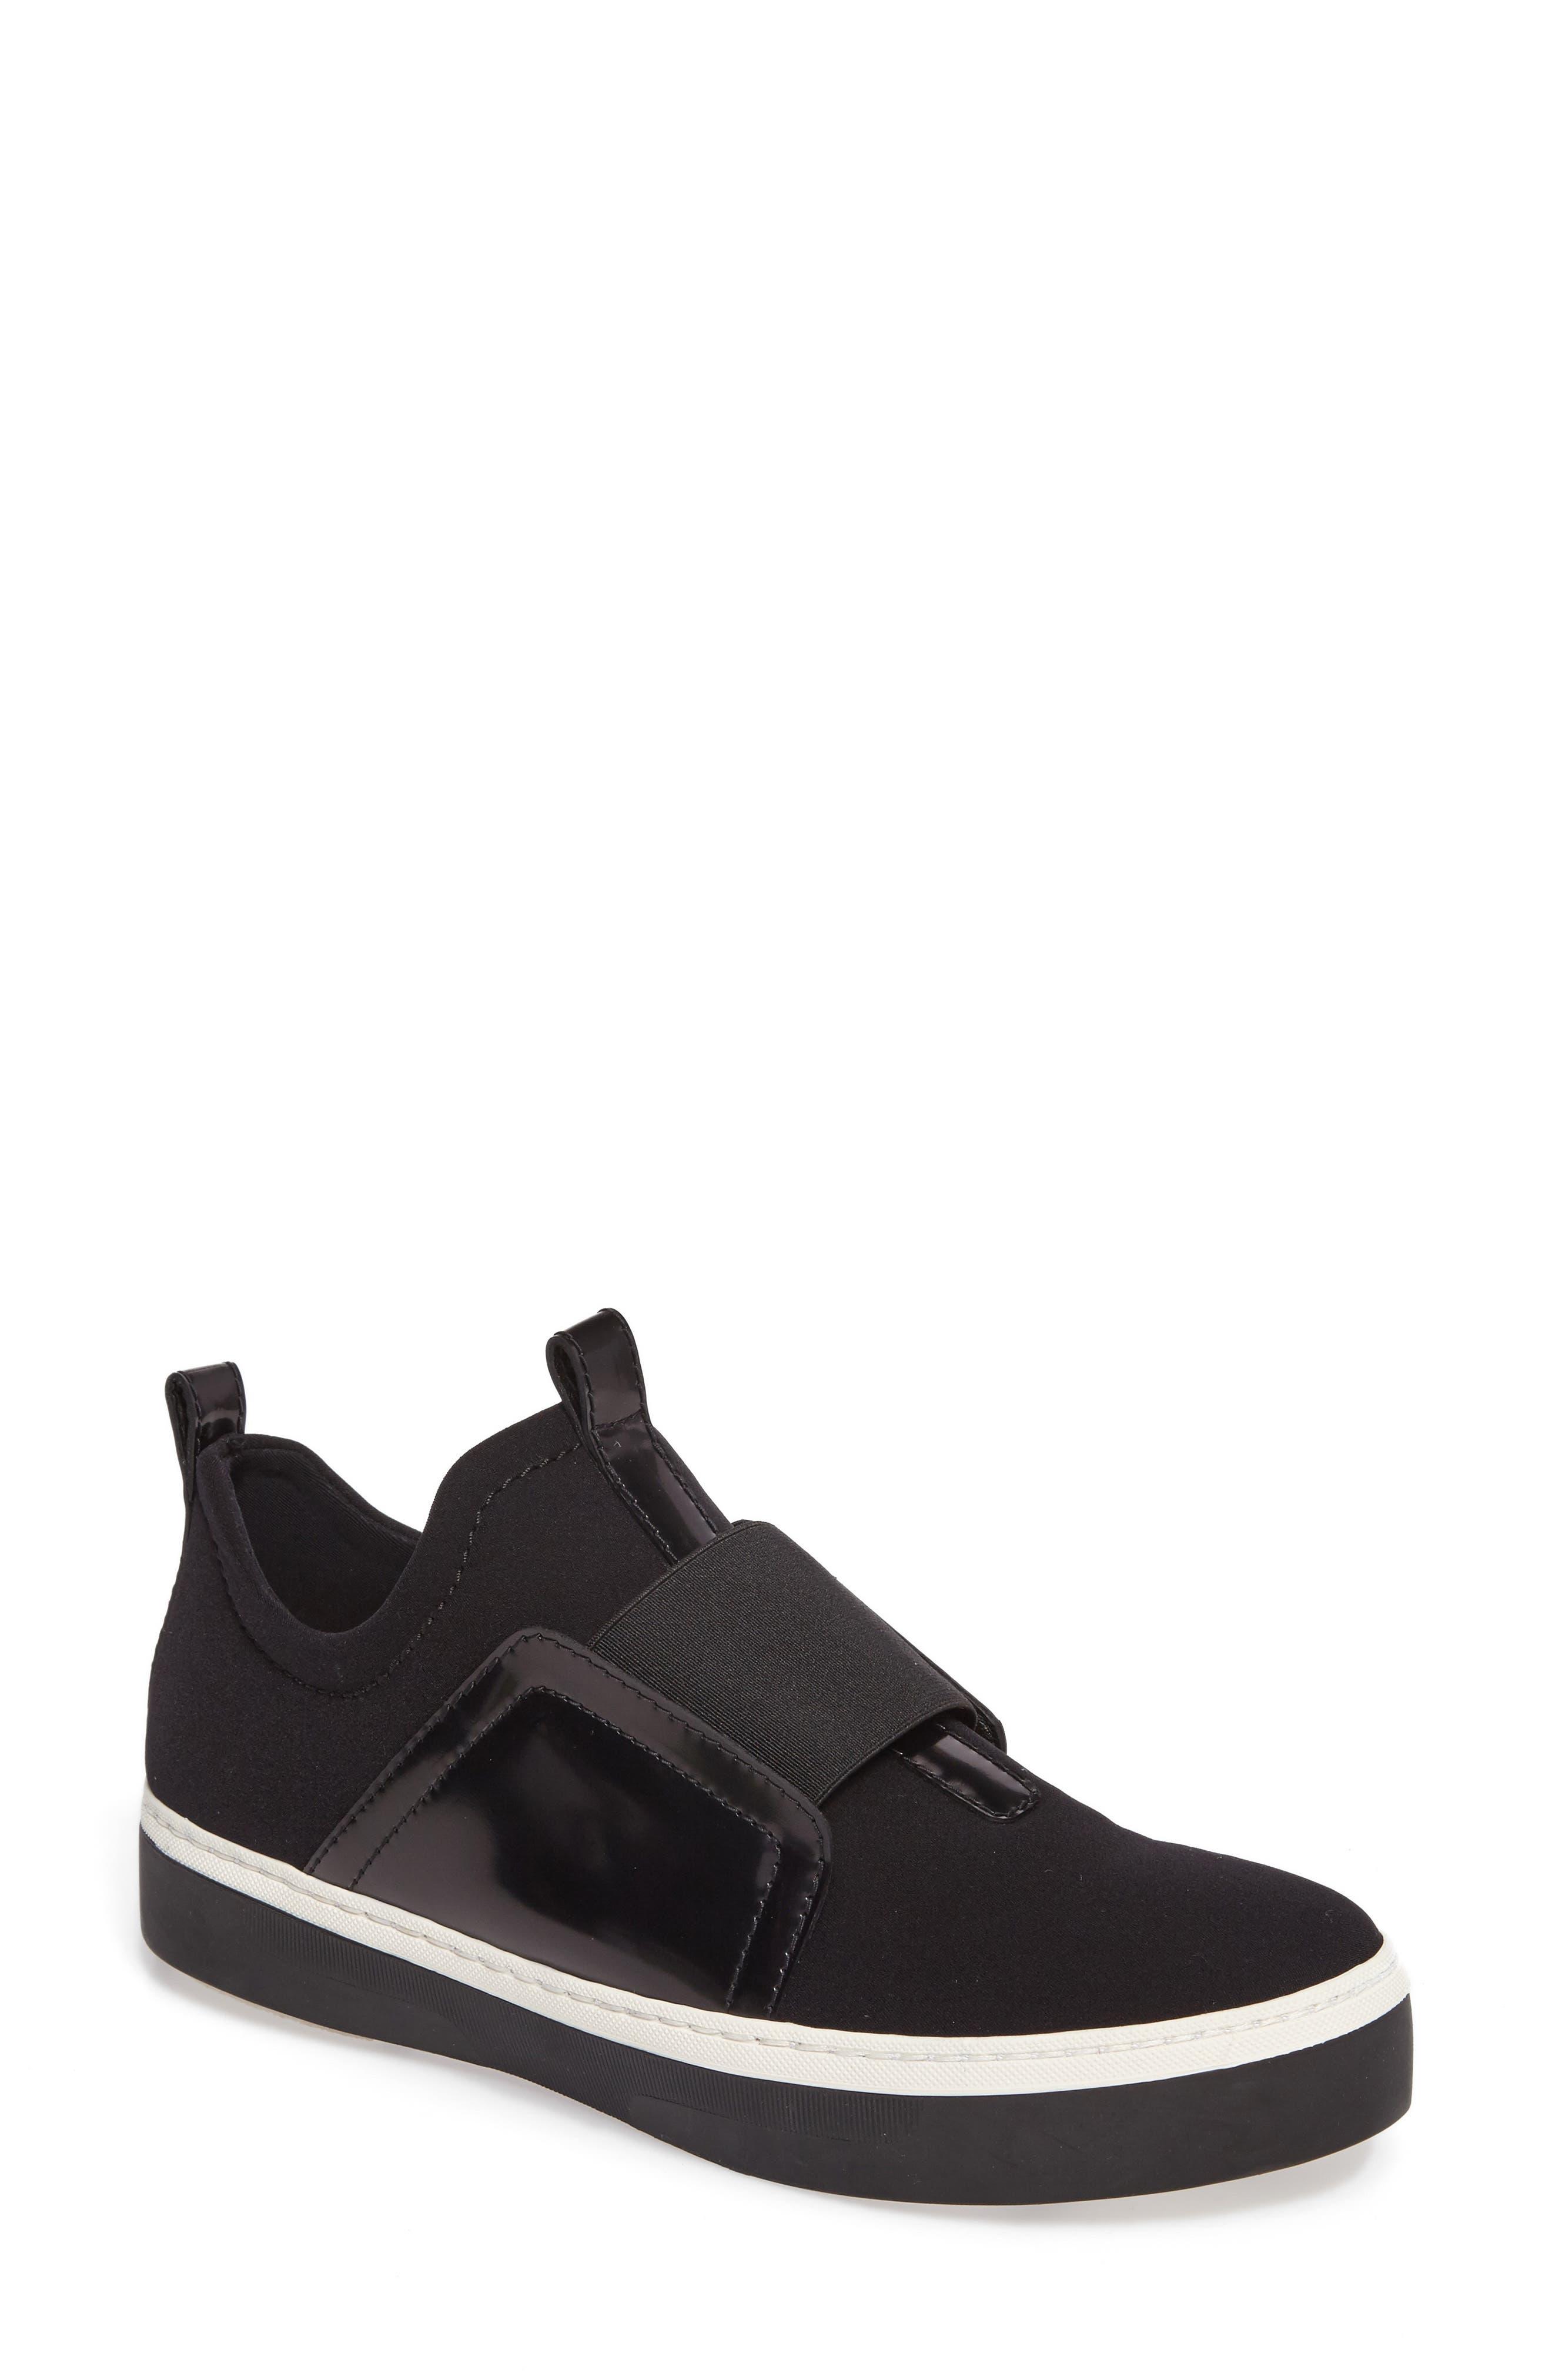 Wayfare Slip-On Sneaker,                             Main thumbnail 1, color,                             Black Neoprene